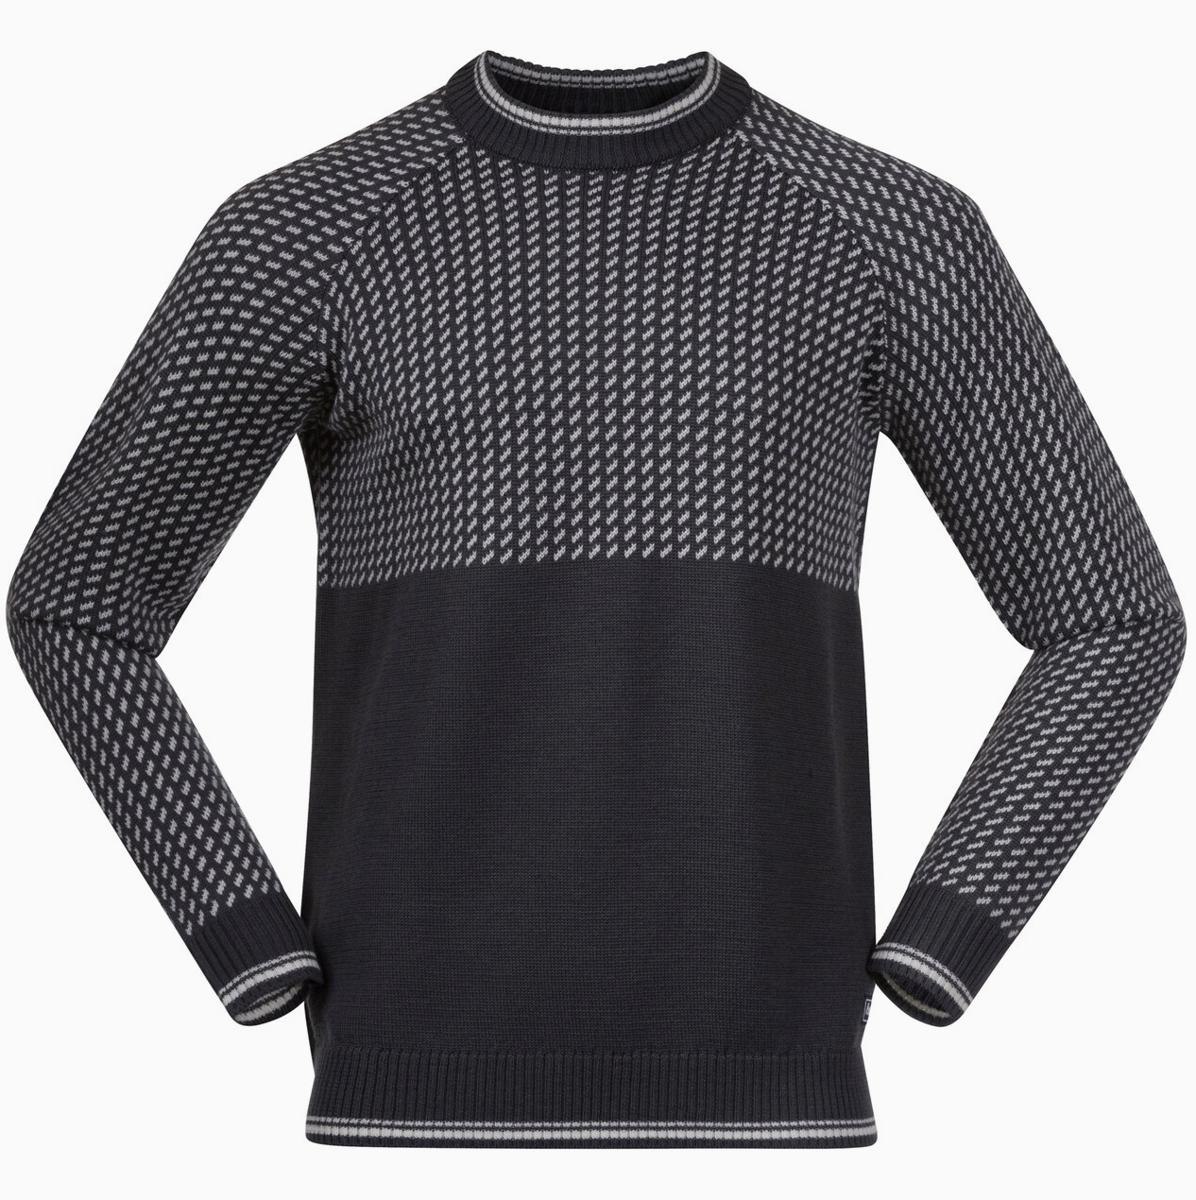 Bilde av Bergans  Alvdal Wool Jumper 14283 Solid Dark Grey/Vanilla White